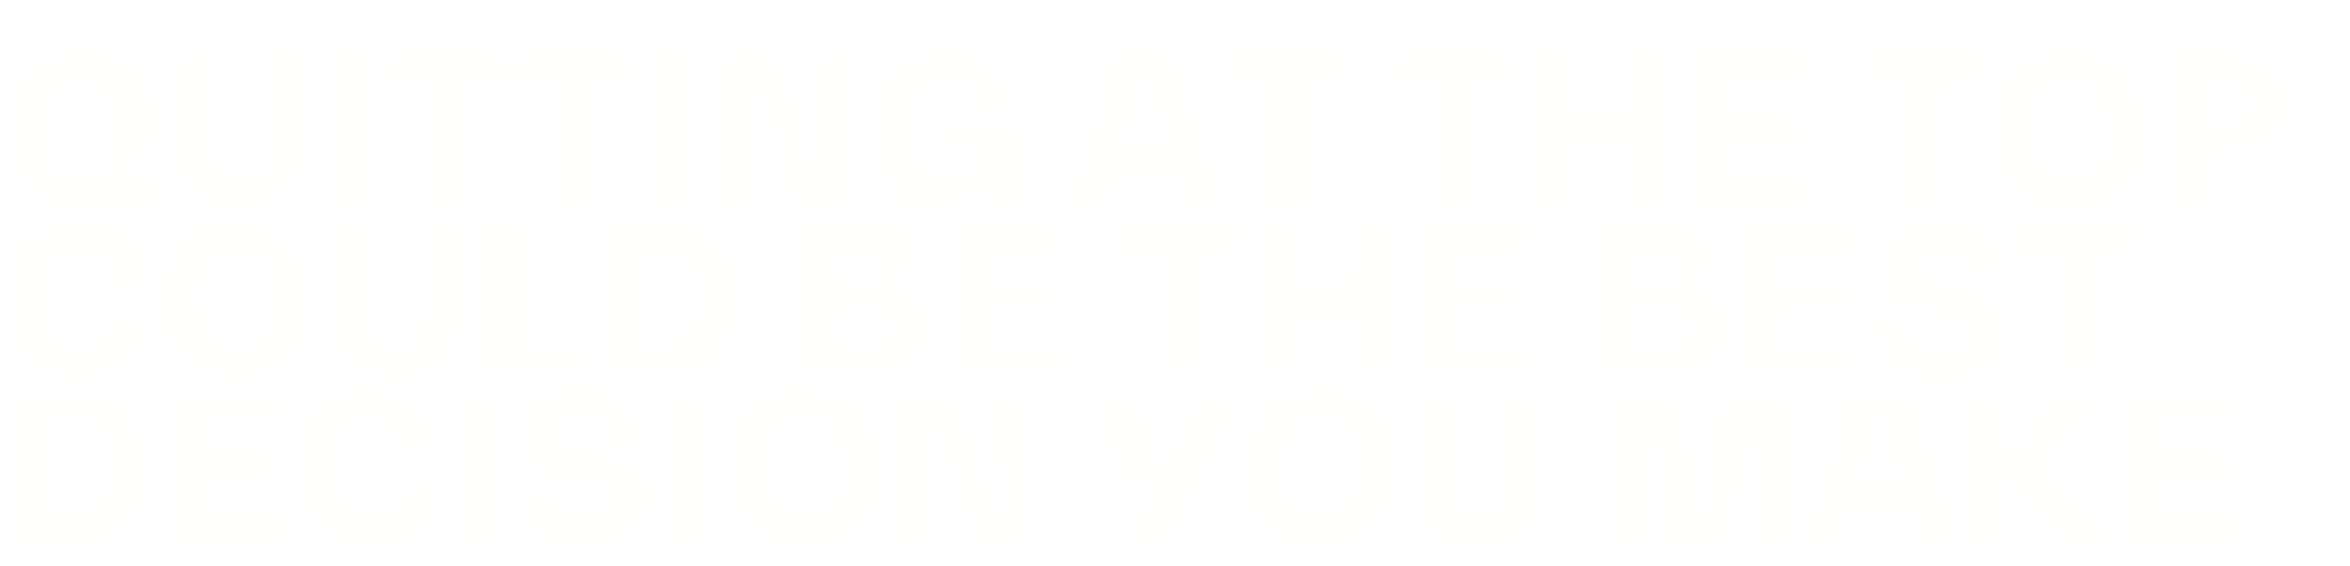 dujardin-letters-2102